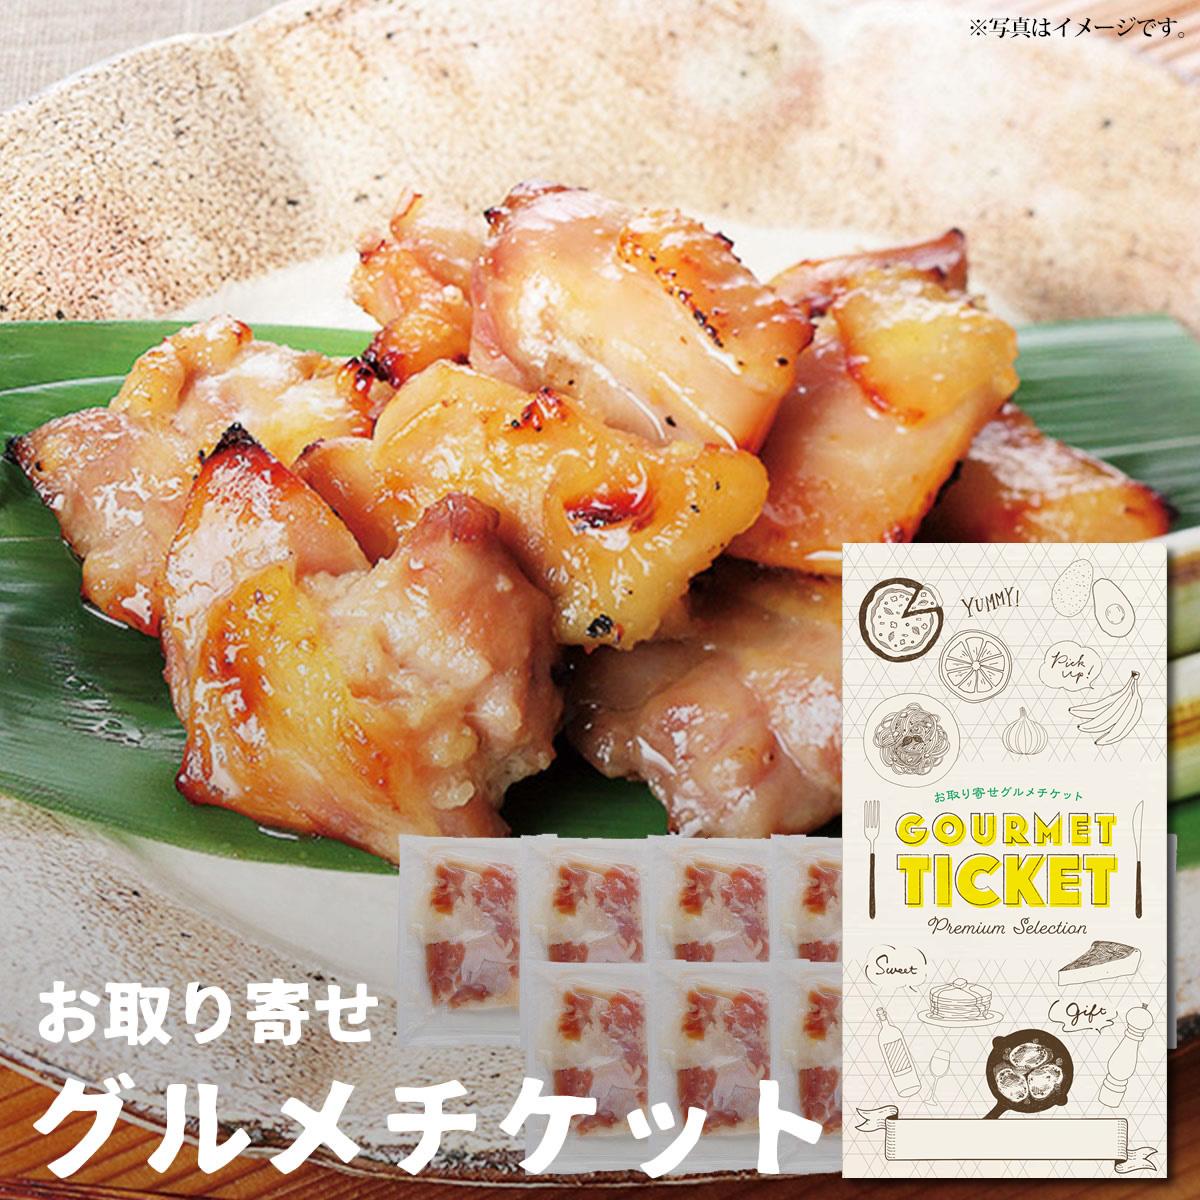 お取り寄せグルメチケット 京料理六盛 鶏肉の塩麹漬け 120g×10袋セット